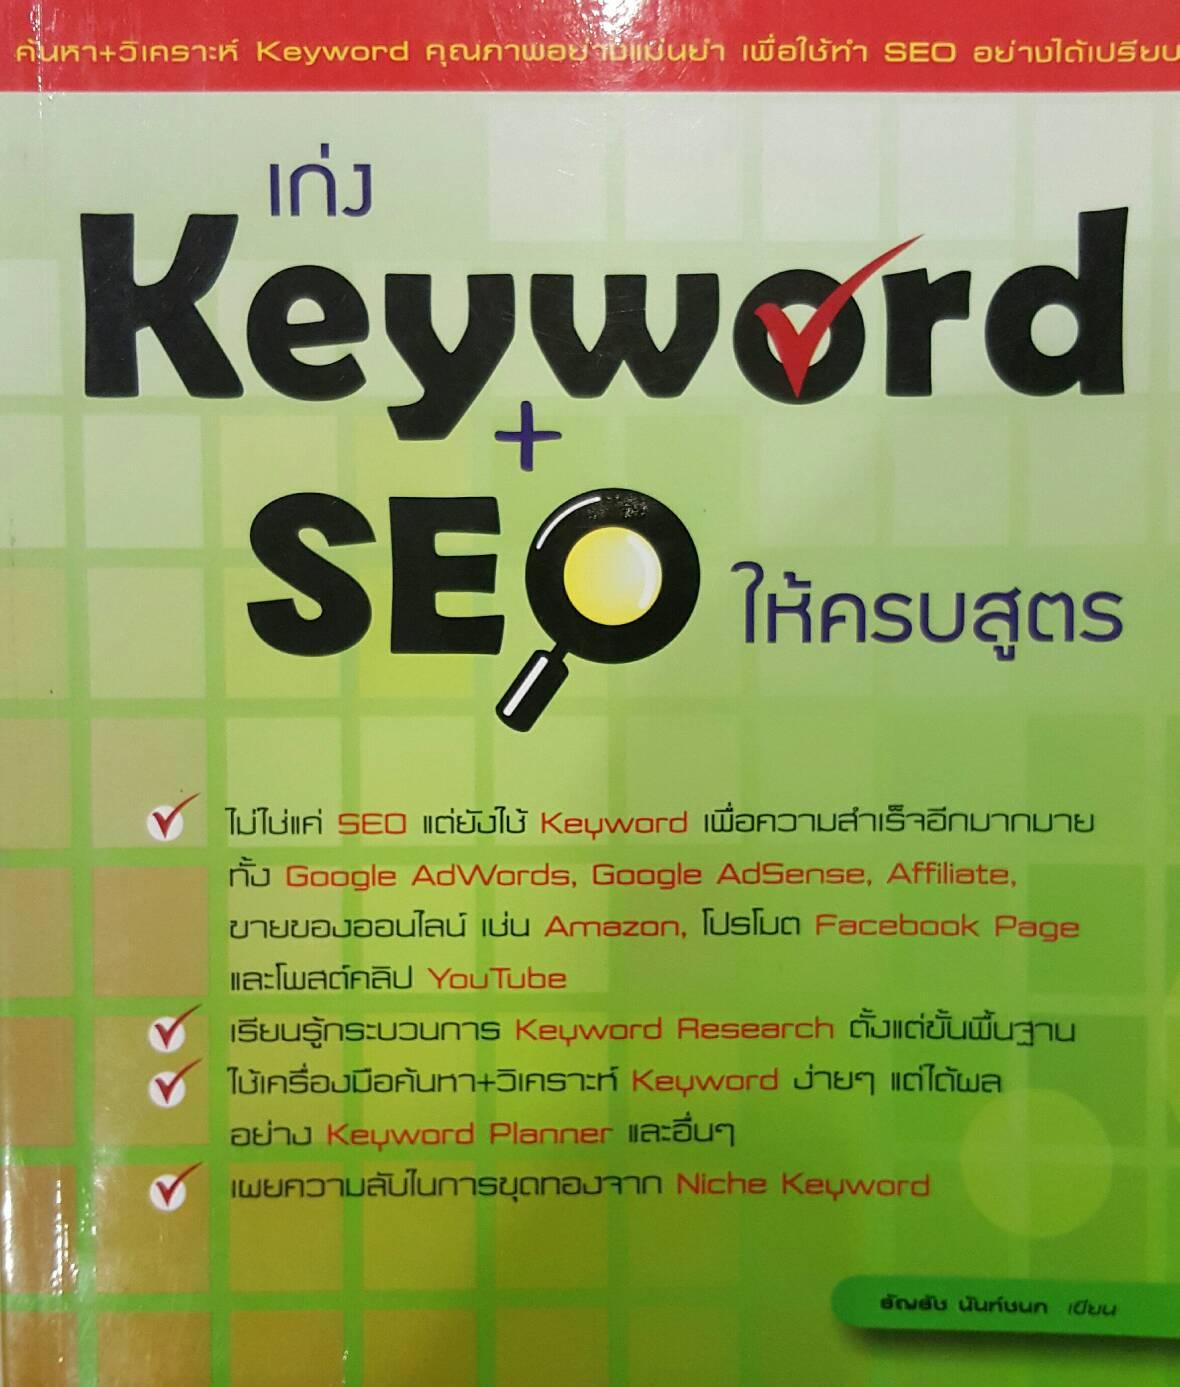 เก่ง Keyword+SEO ให้ครบสูตร